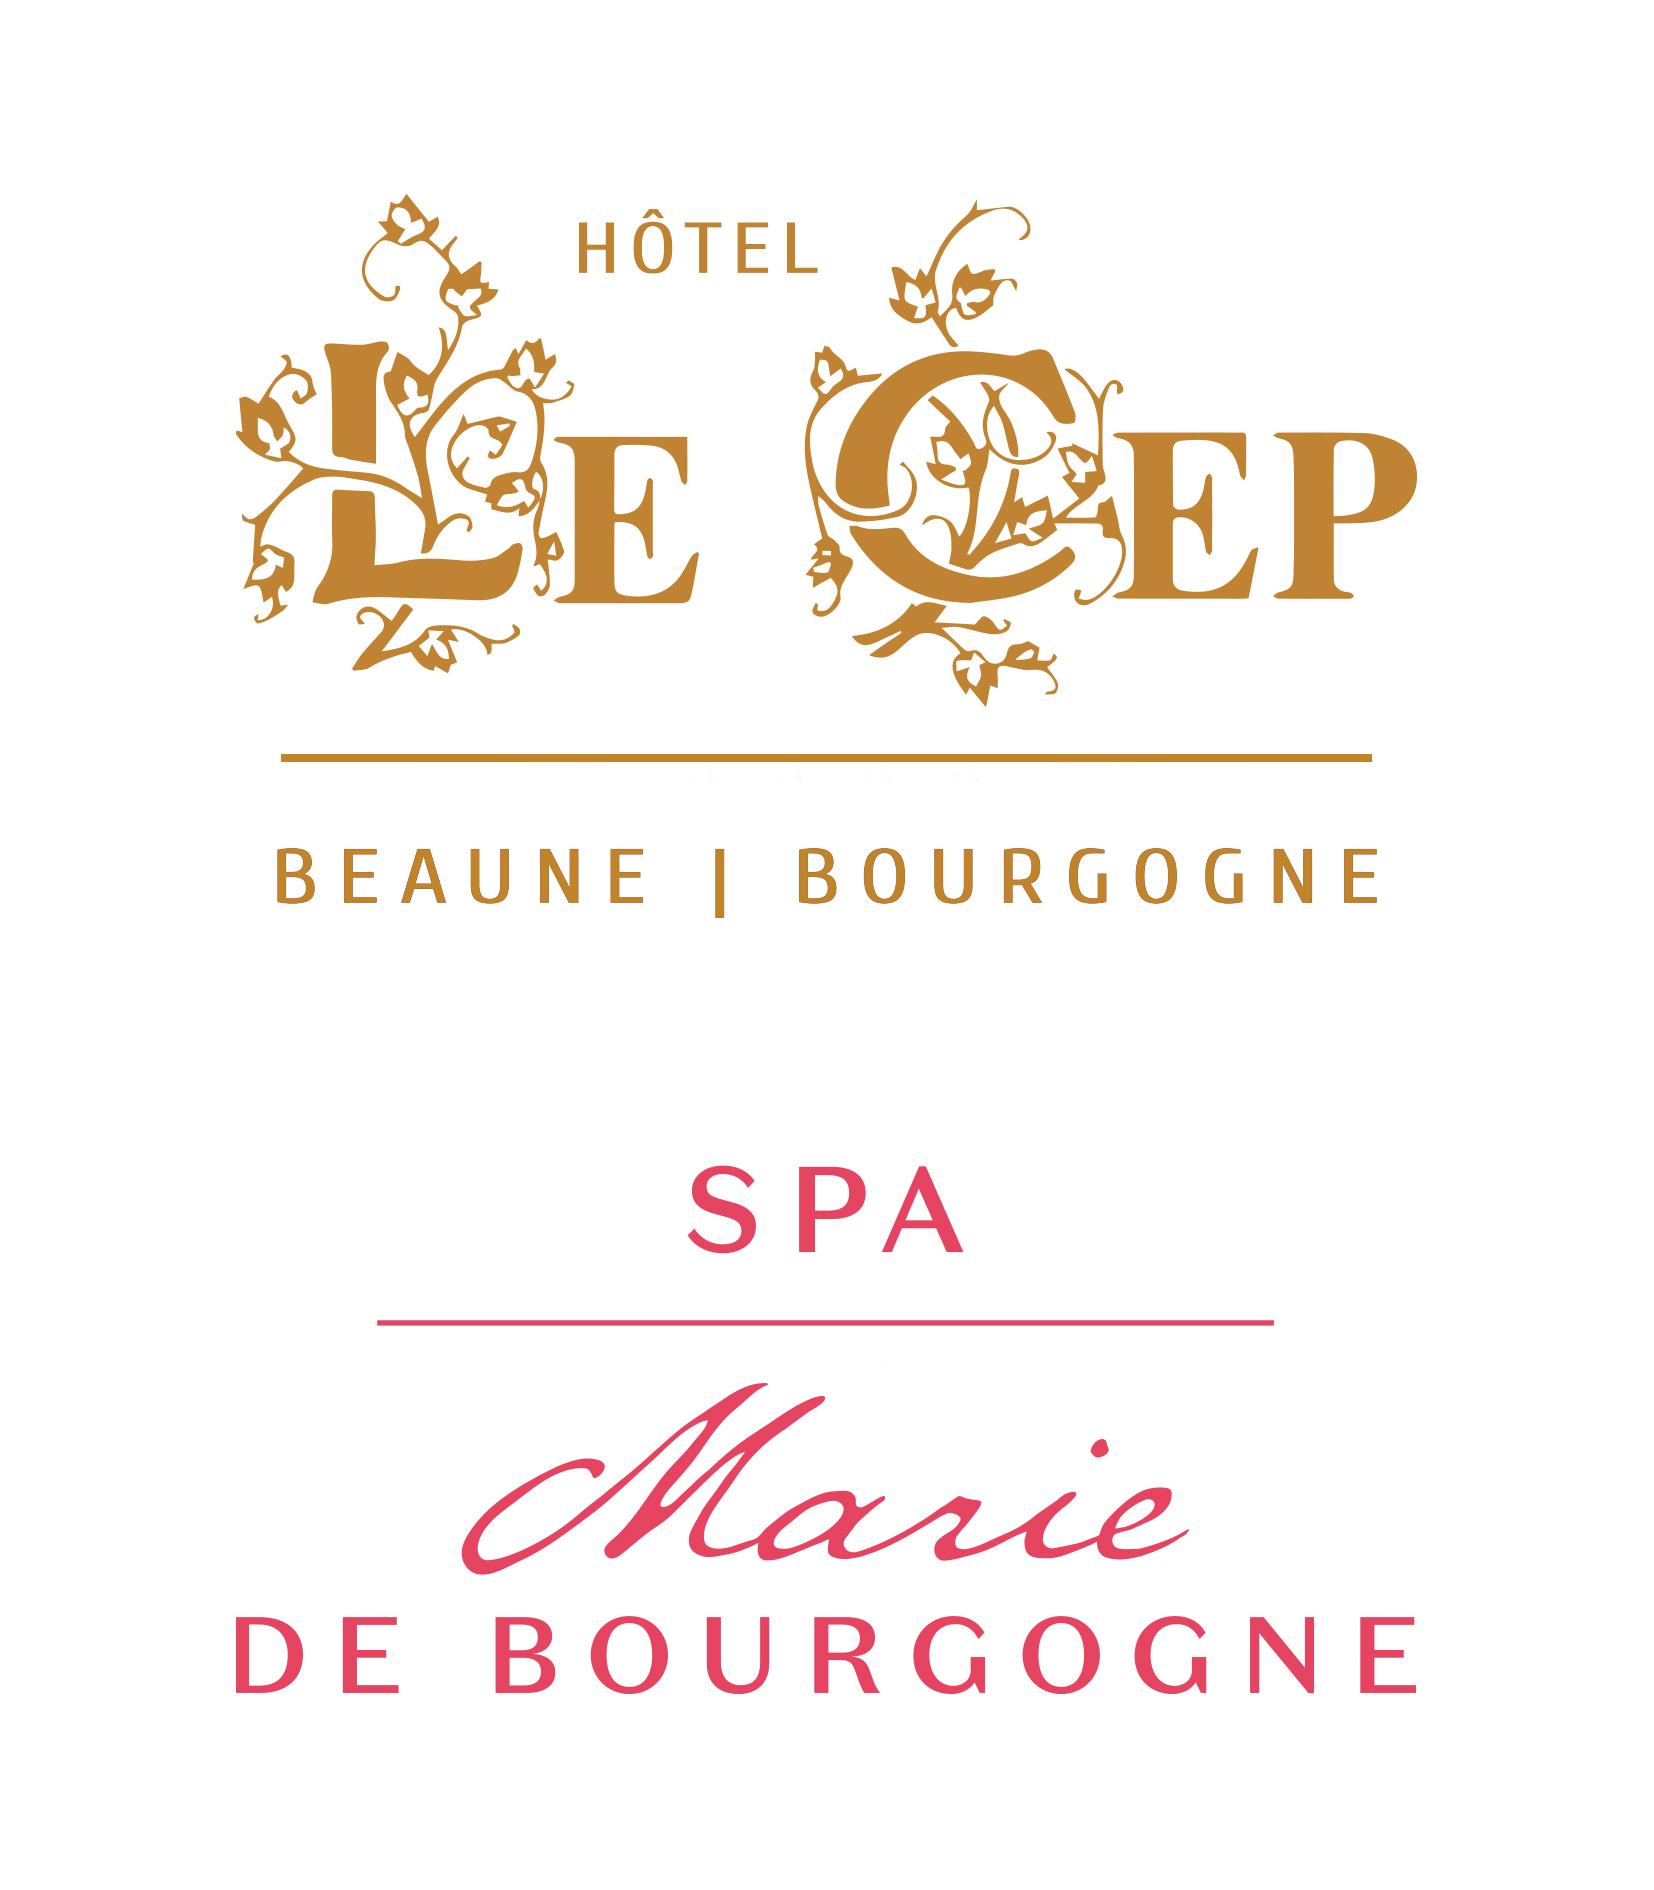 Spa Marie de Bourgogne, Hôtel Le Cep